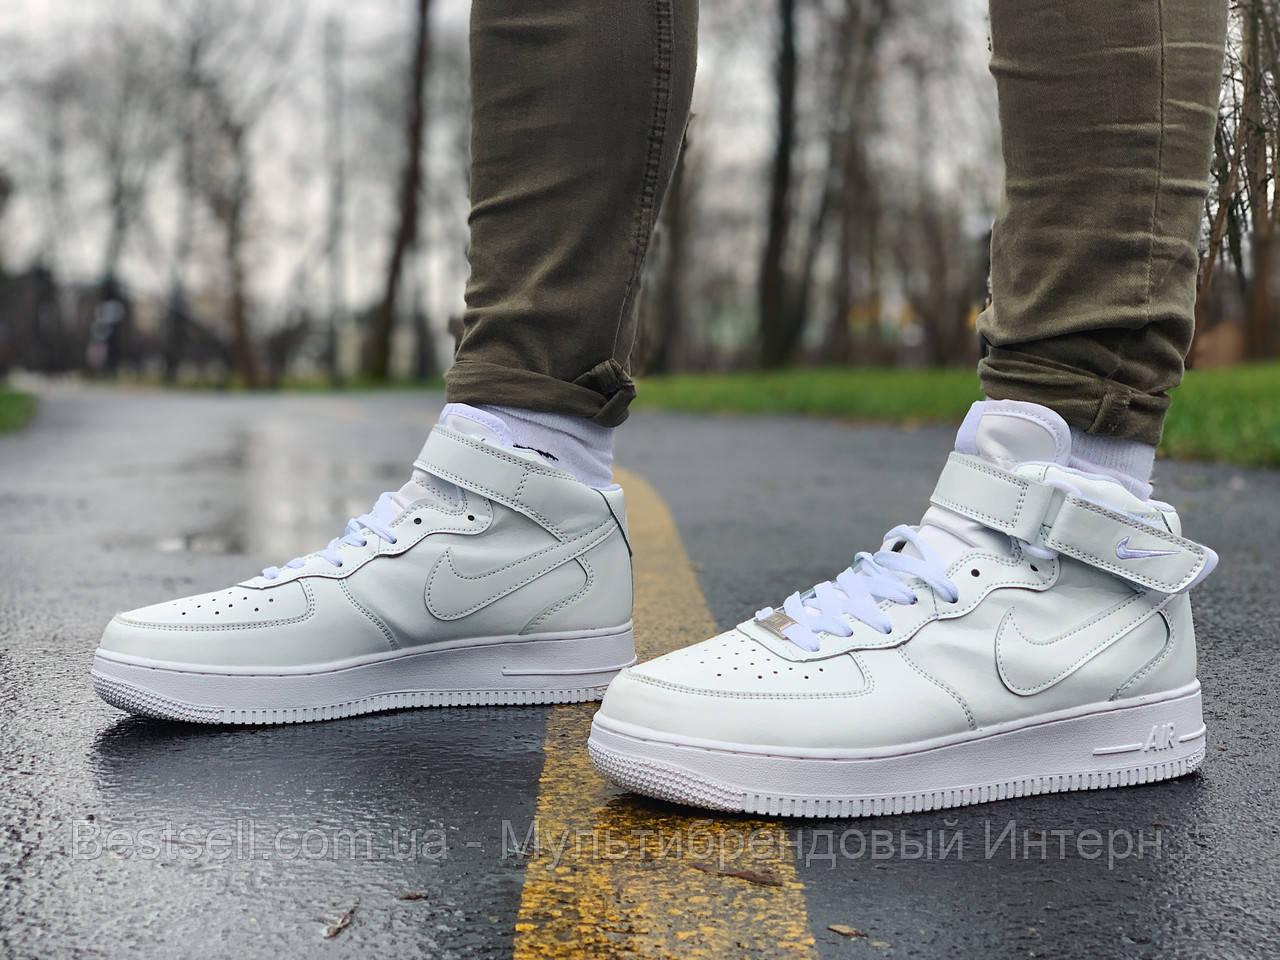 Кроссовки  высокие натуральная кожа Nike Air Force Найк Аир Форс (41,42)